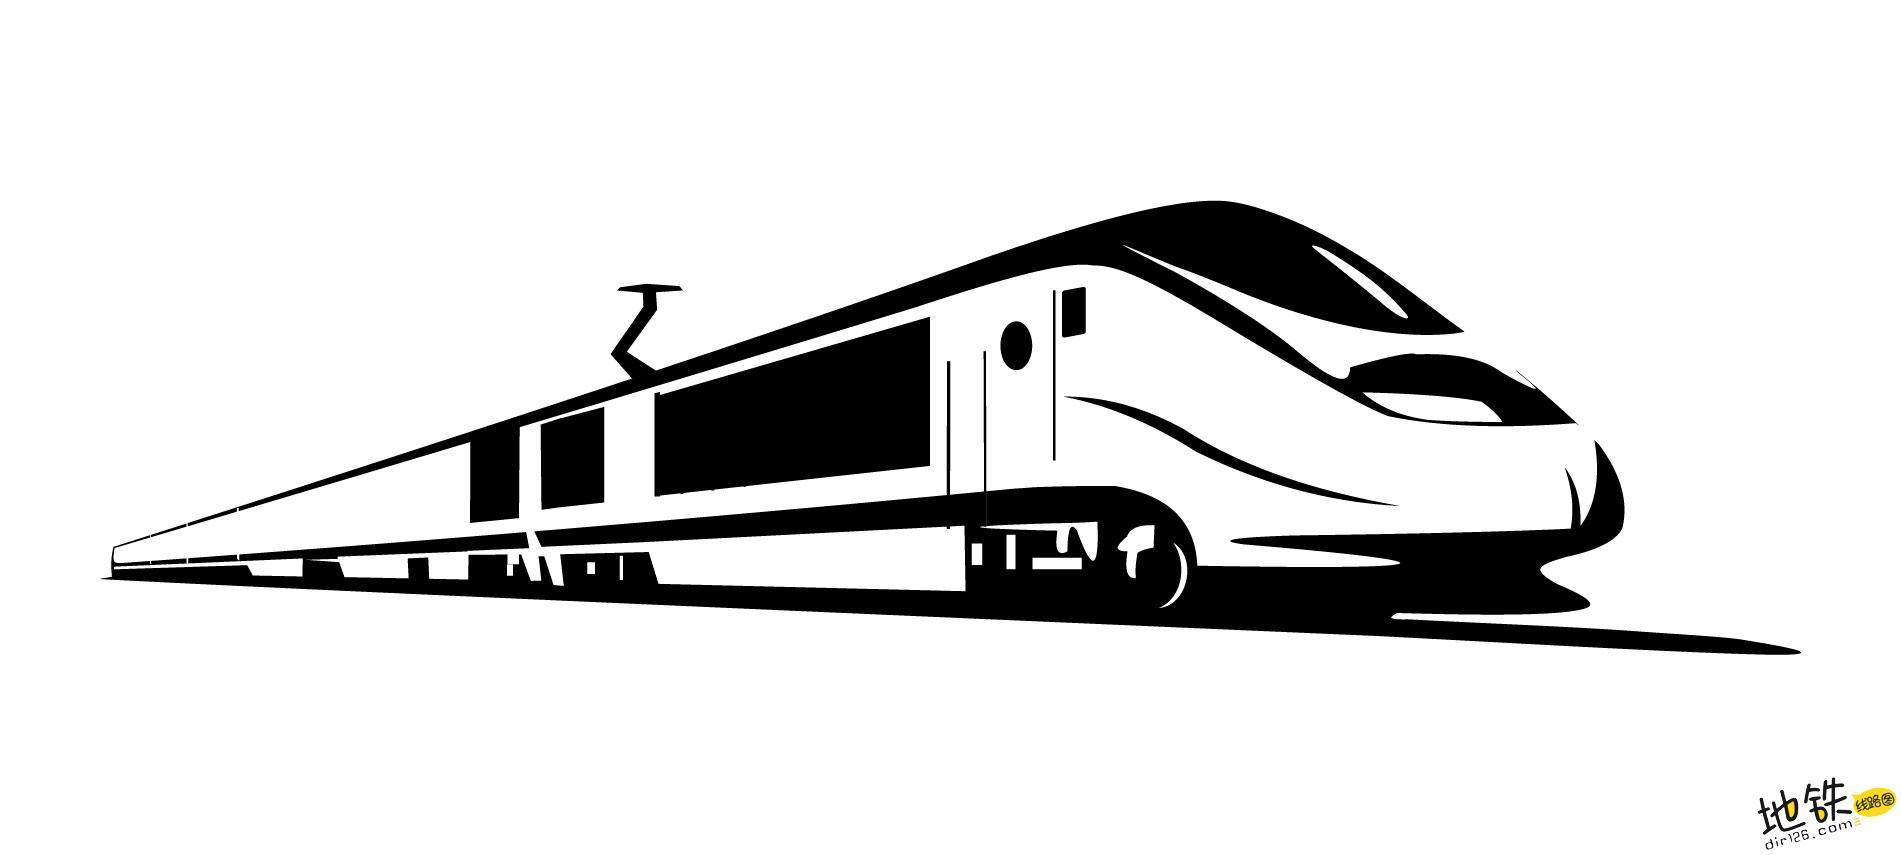 什么样的铁路叫高速铁路? 动车 速度 定义 高速铁路 高铁 轨道知识  第1张